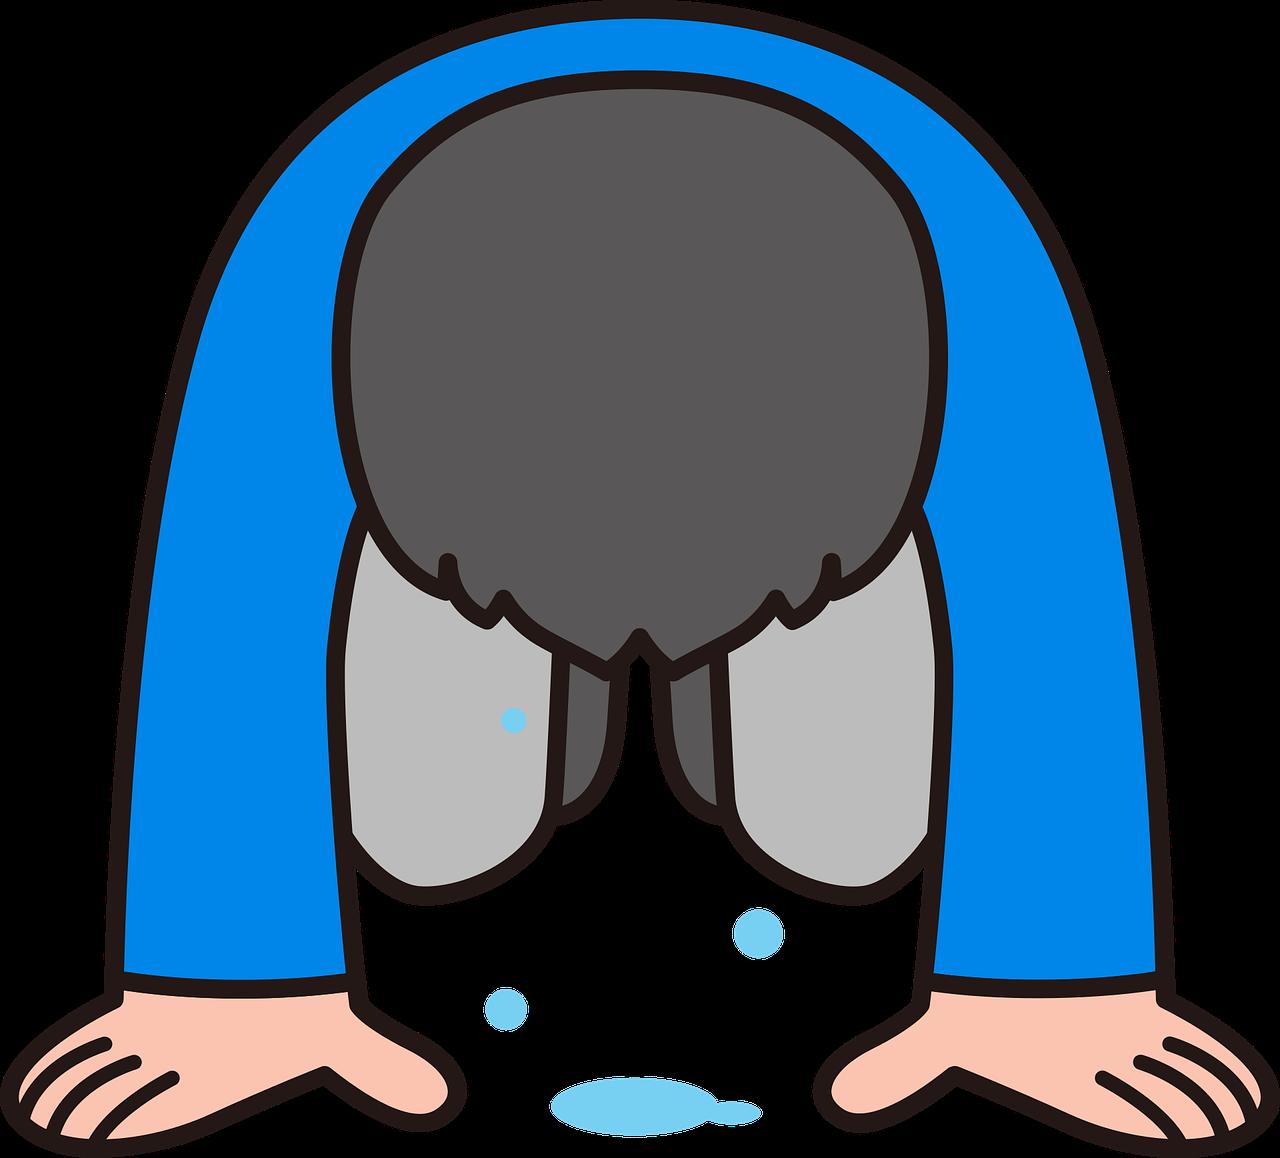 涙を流し土下座する人